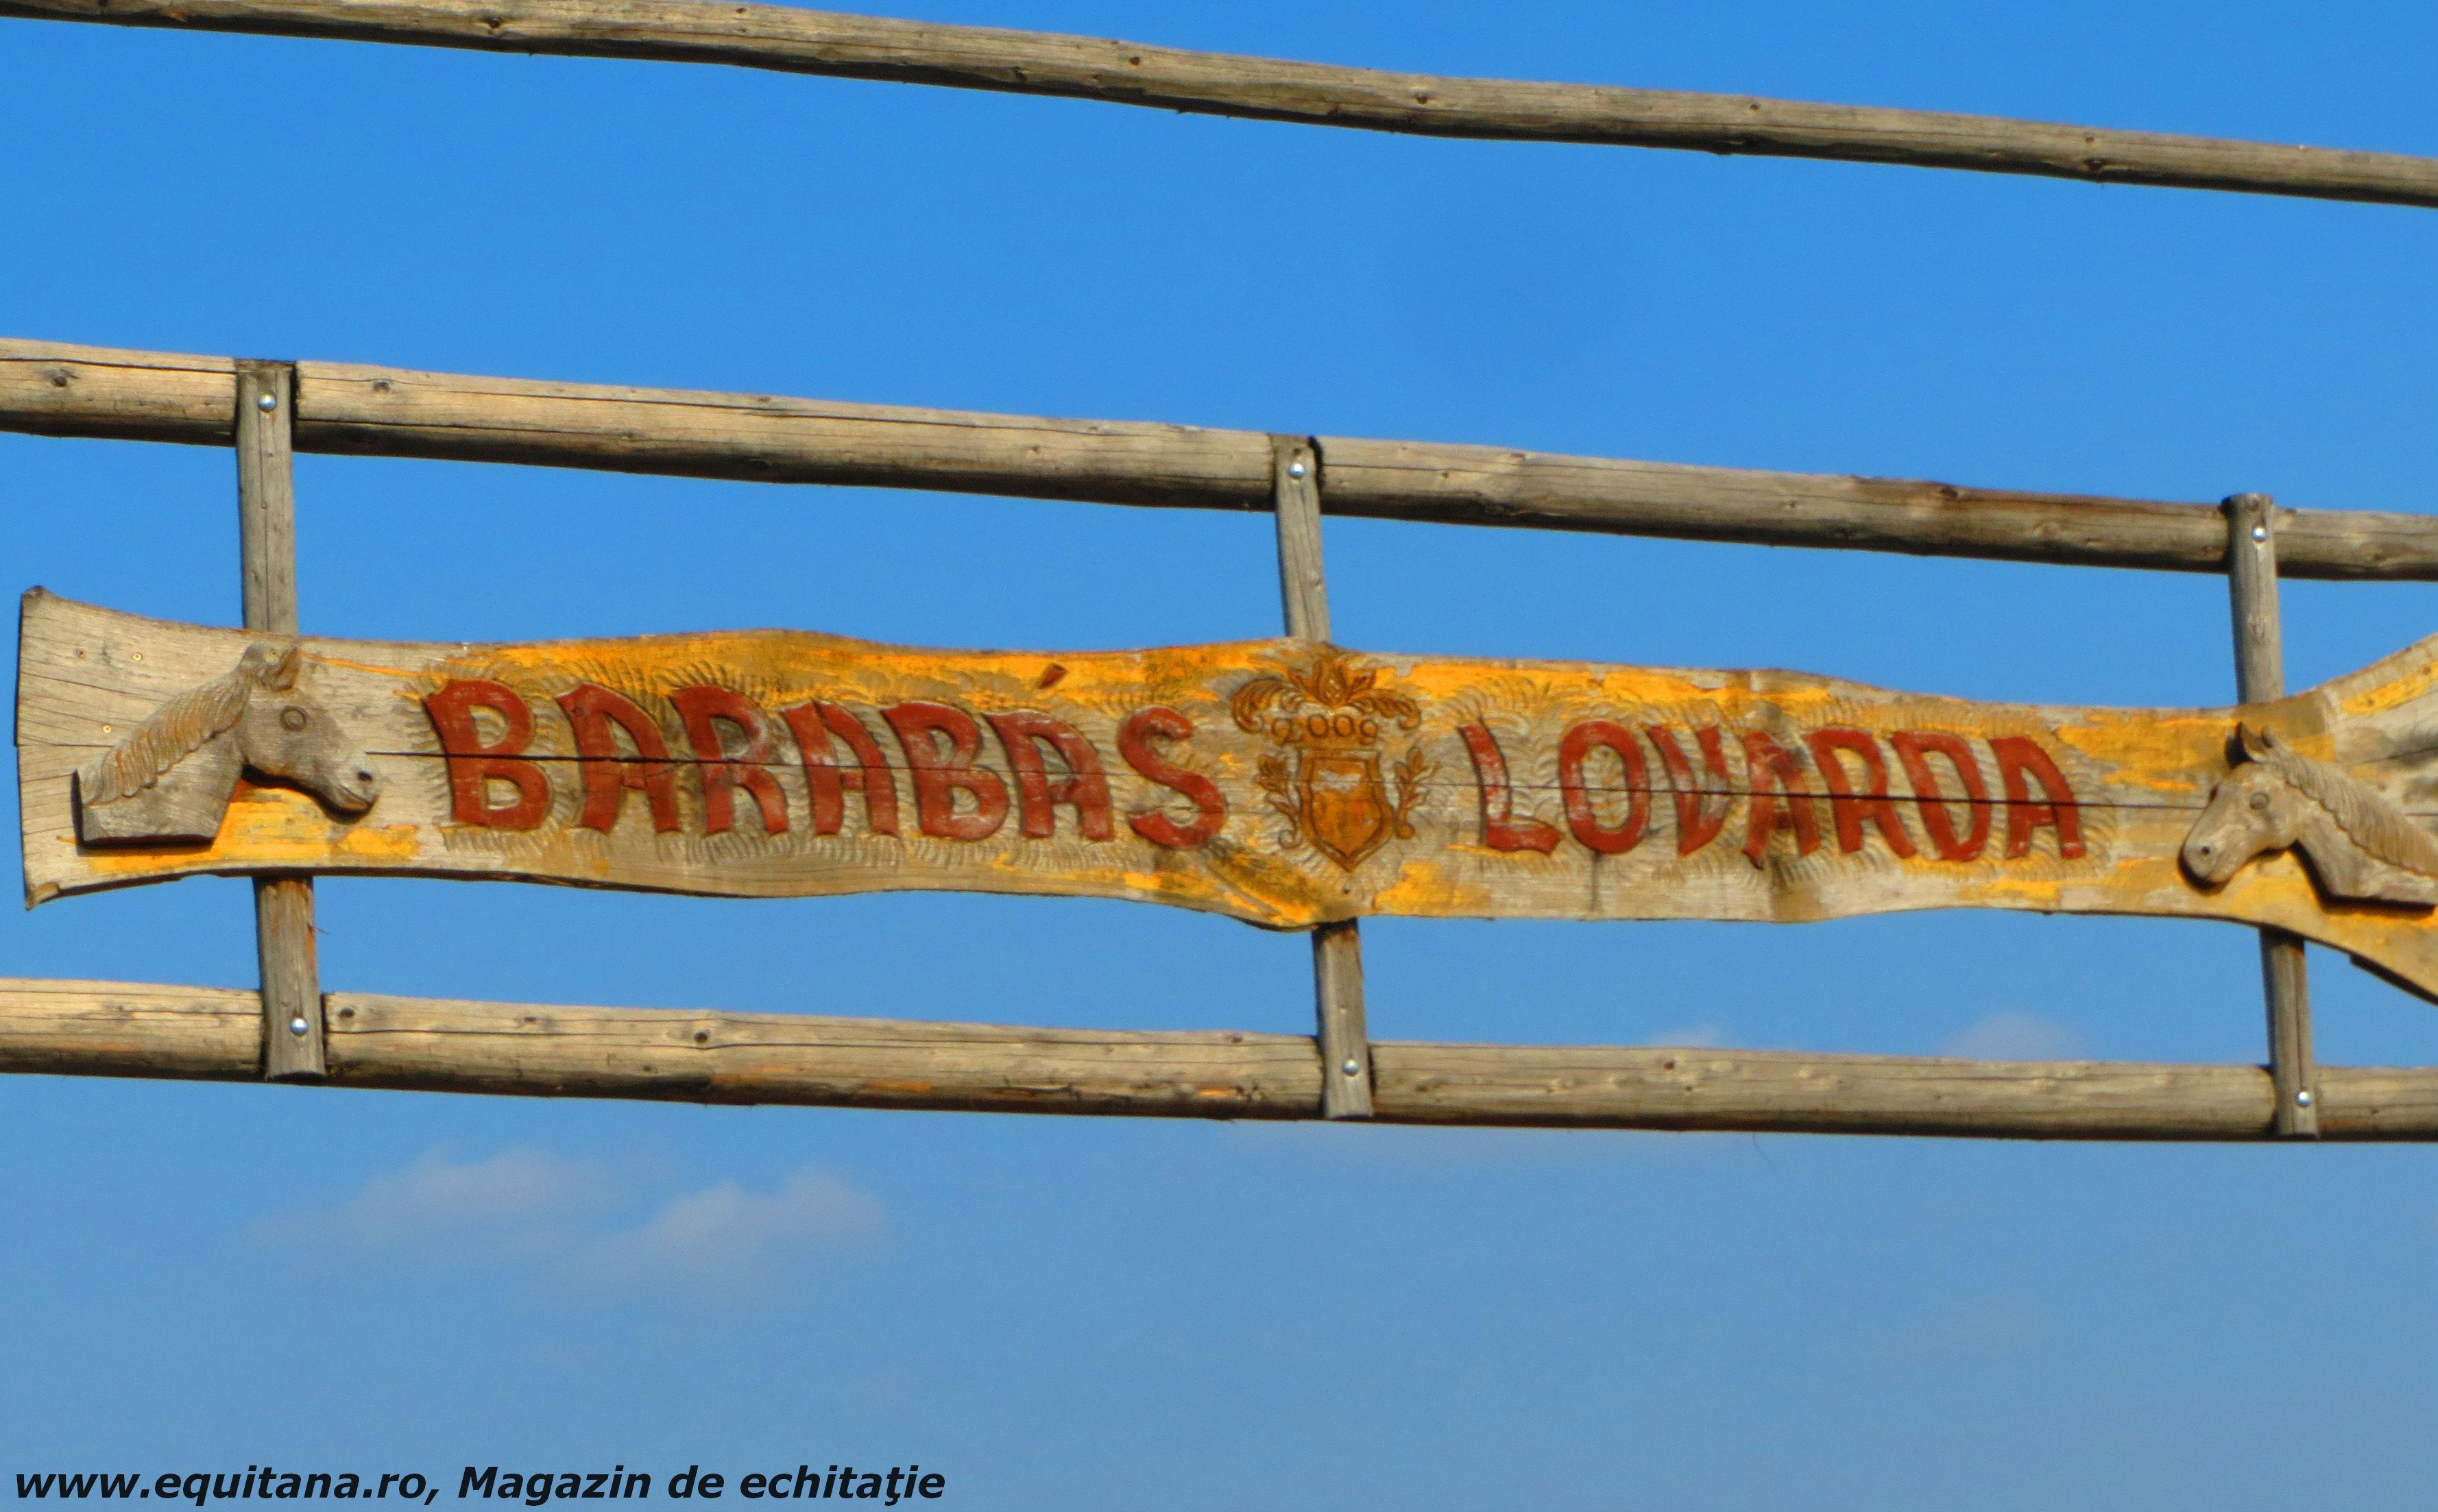 Centrul de echitaţie Barabás, Arcuş, jud. Covasna